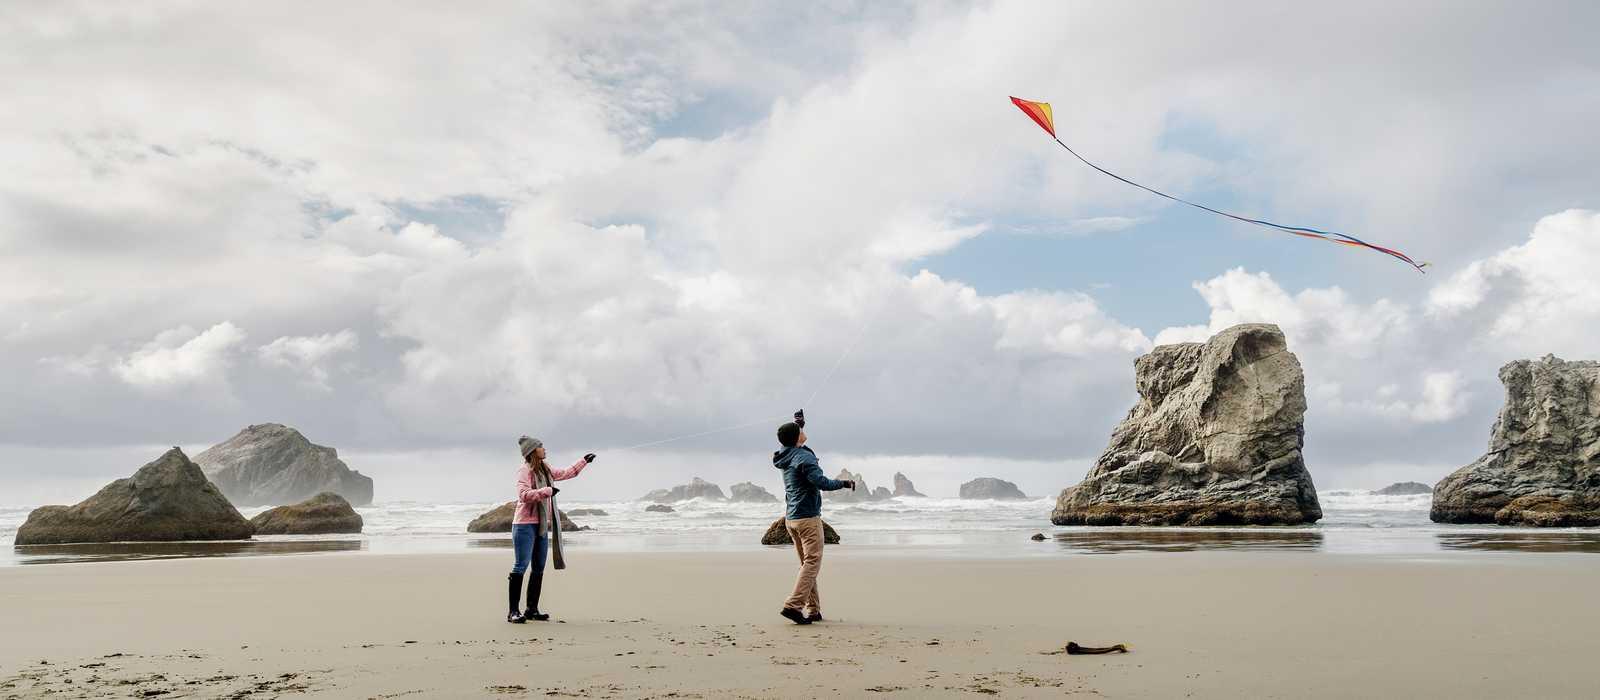 Paar laesst Drachen steigen am Bandon Beach, Oregon